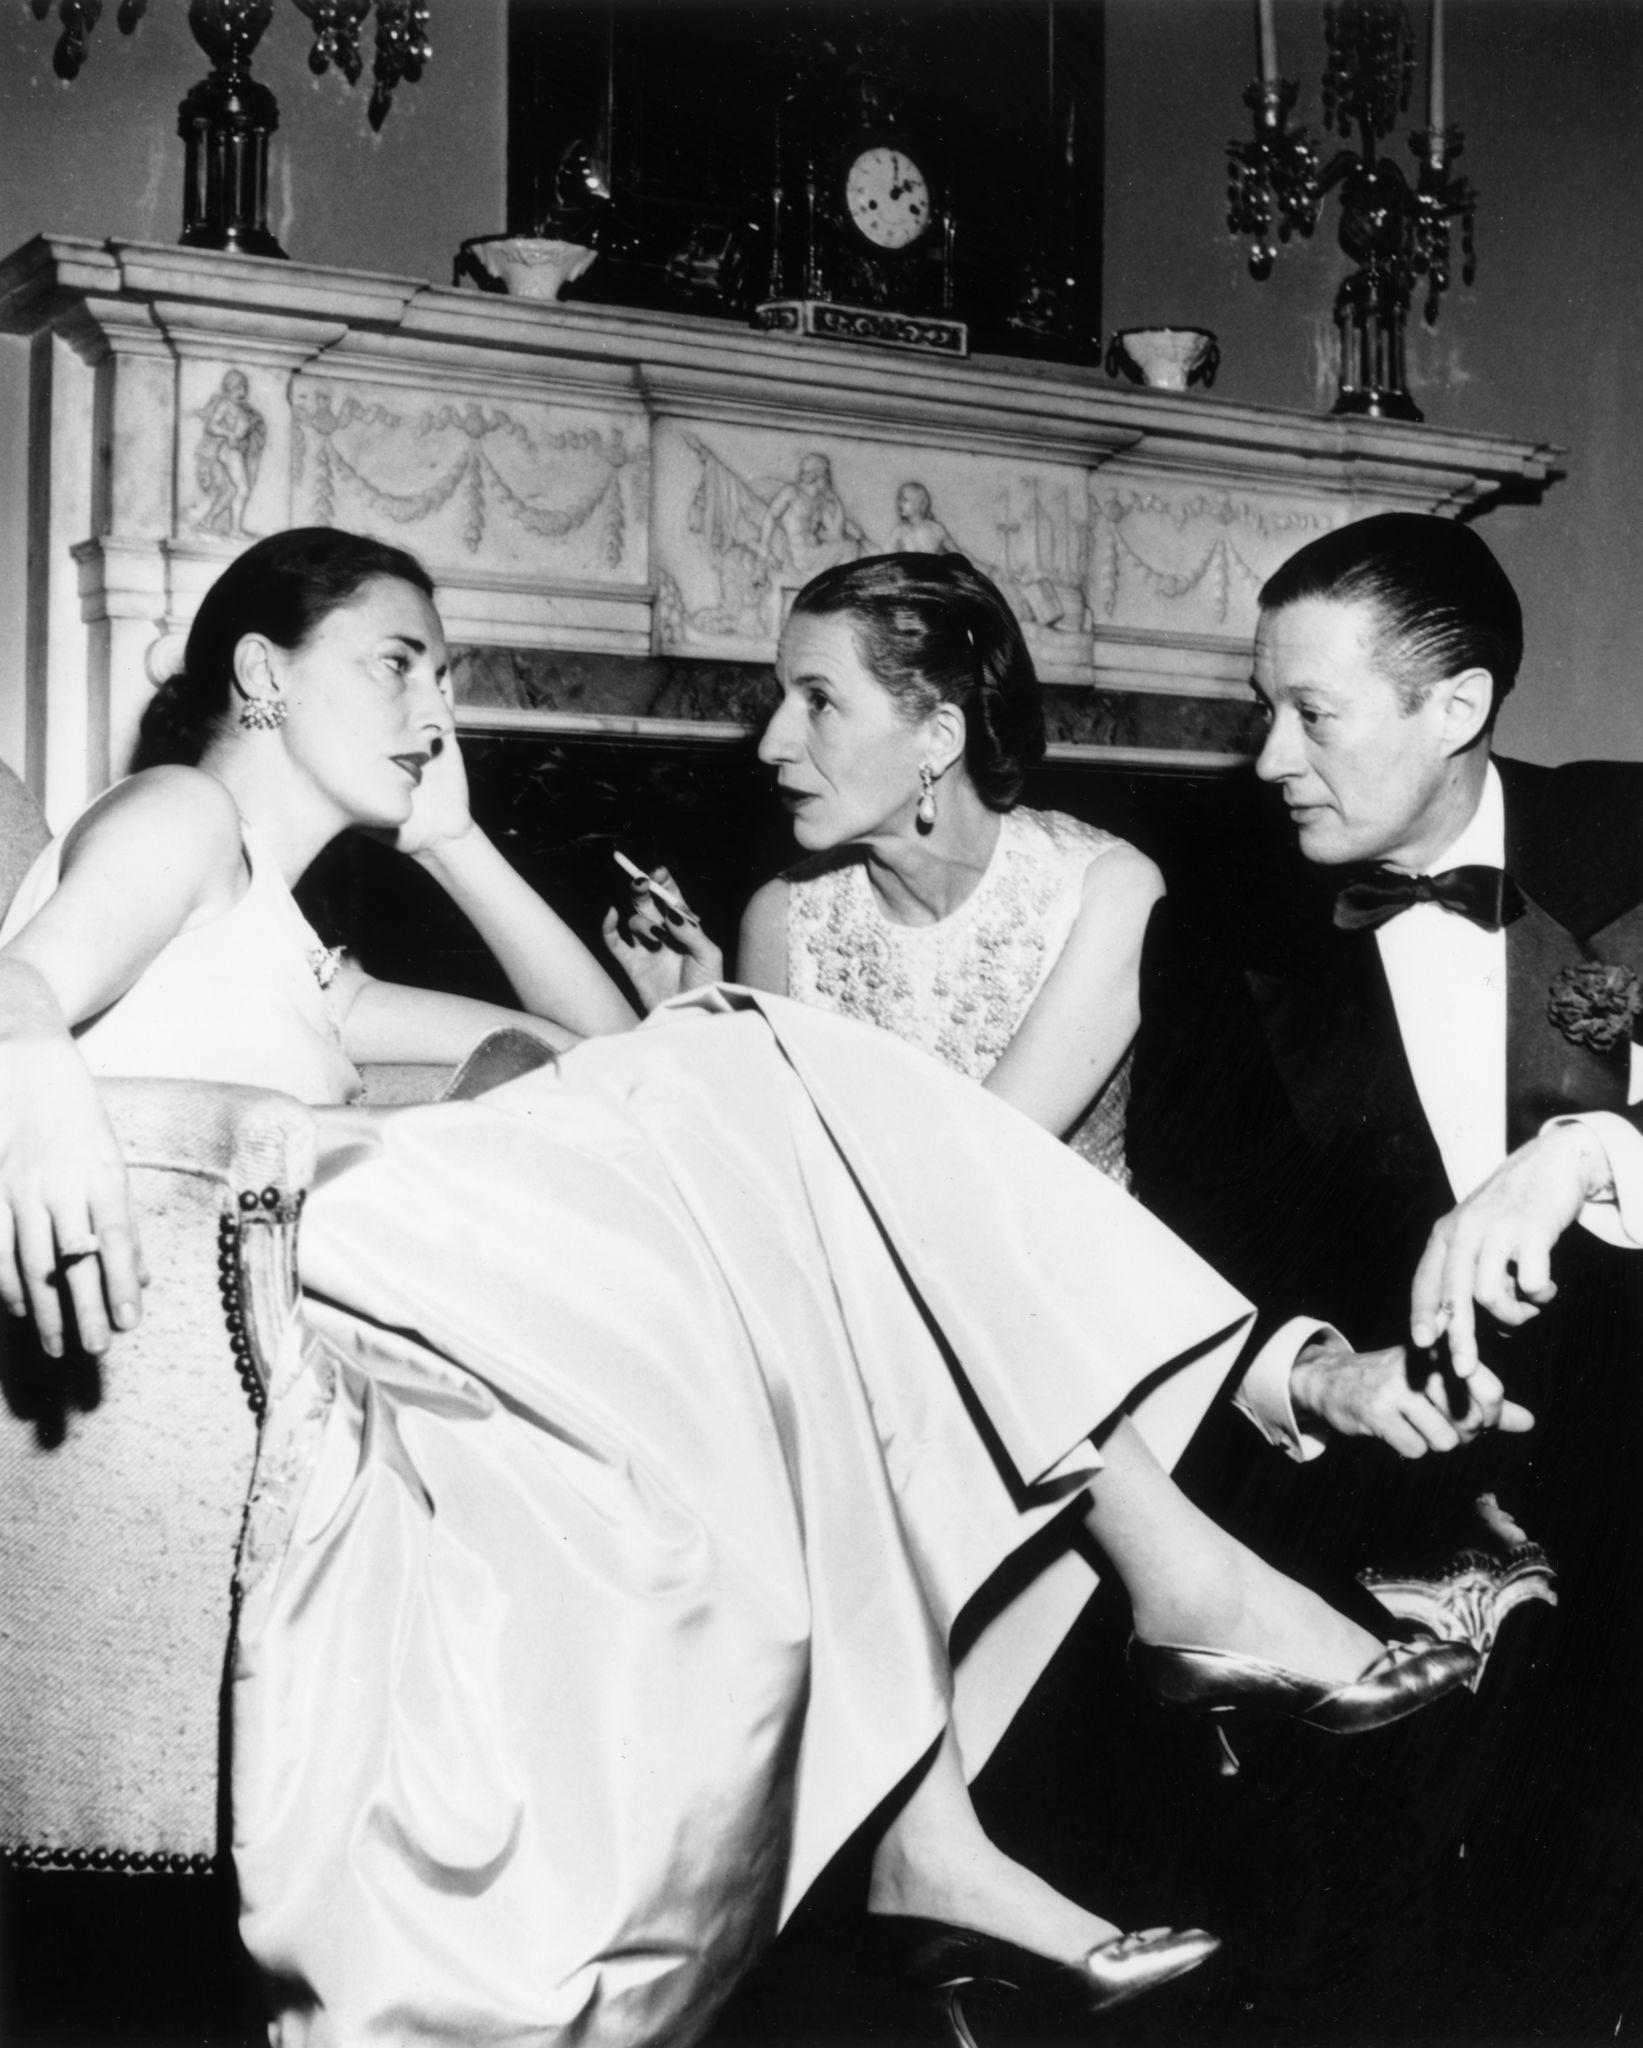 1952. Слим Хоукс (бывшая жена режиссера Говарда Хоукса) беседует с редактором Vogue Дианой Вриланд и ее мужем Ридом на новогодней вечеринке.jpg